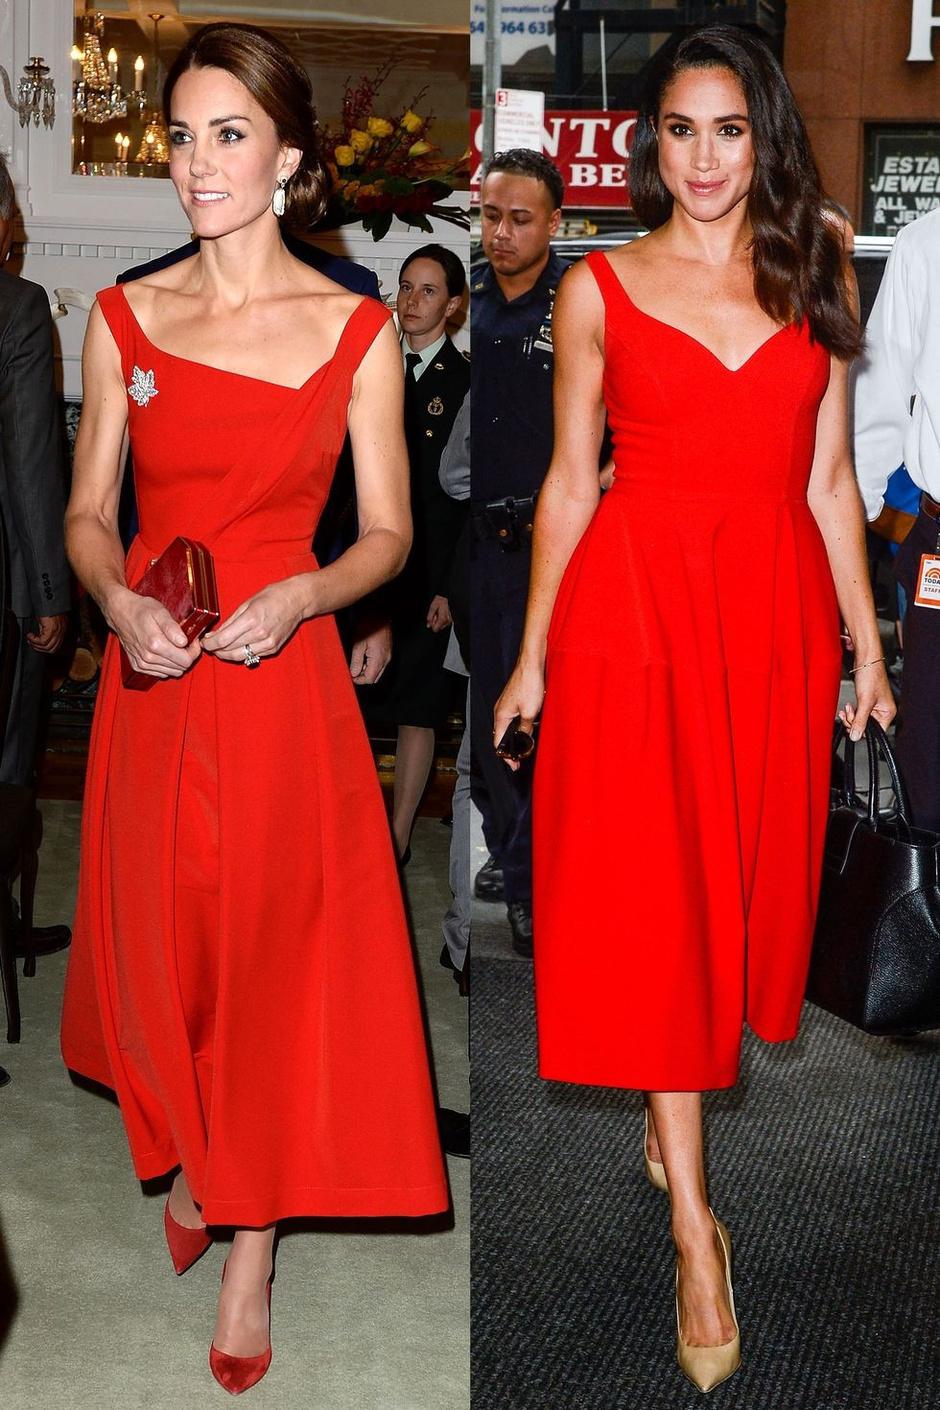 9 одинаковых образов Кейт Миддлтон и Меган Маркл: почувствуйте разницу фото [6]